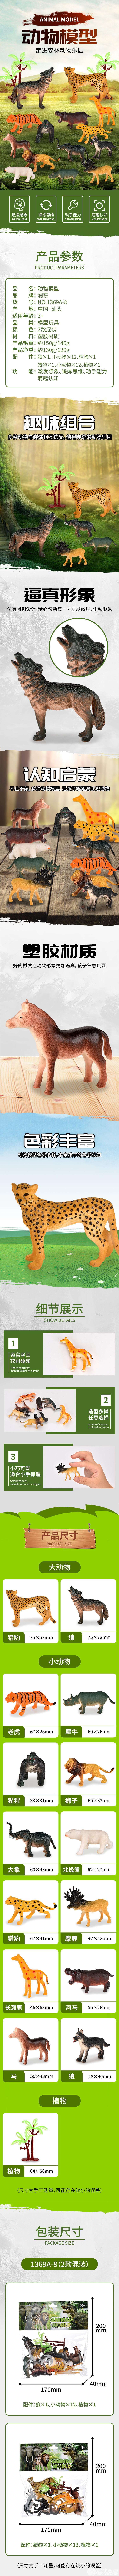 润东玩具厂-(1369A-8)-动物模型-中文版详情页.jpg